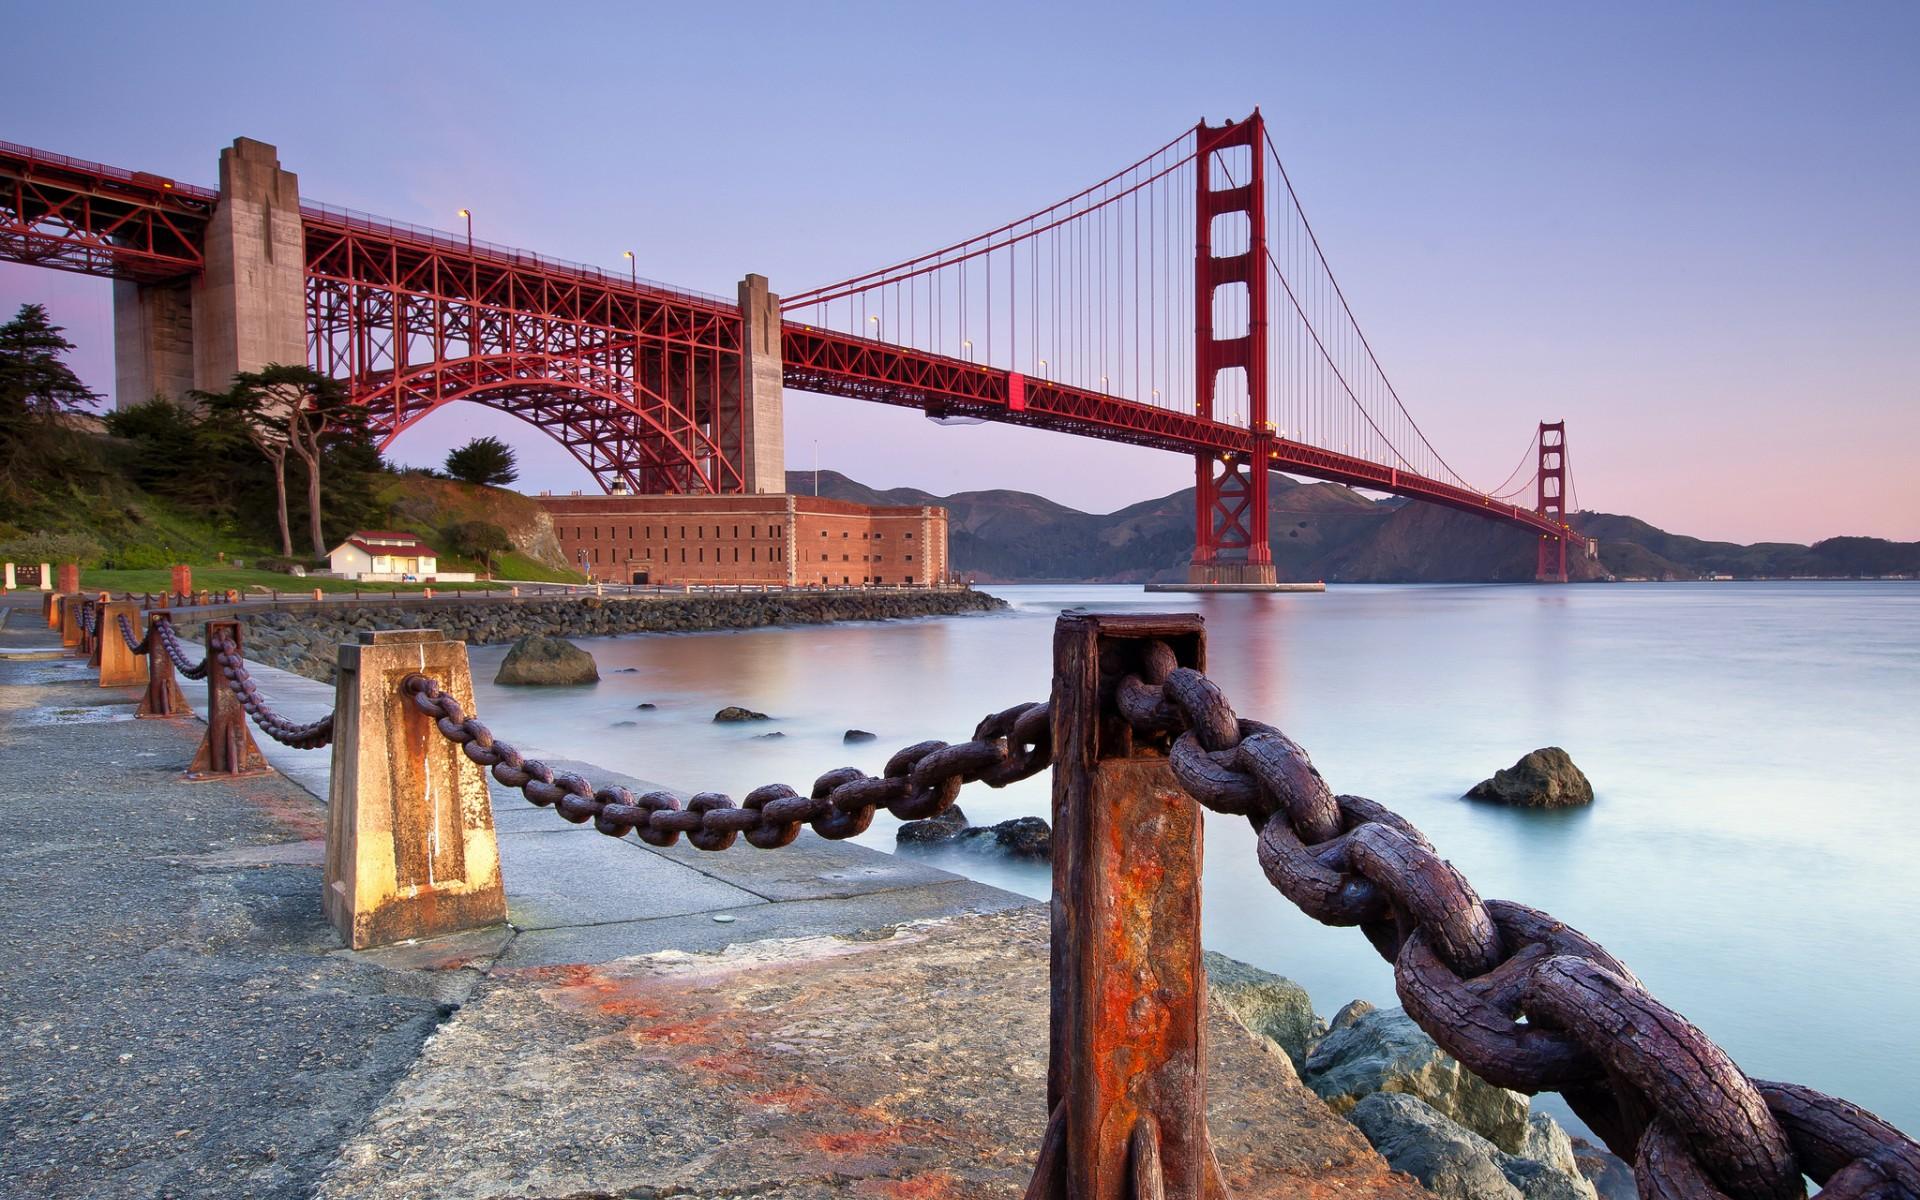 32048 économiseurs d'écran et fonds d'écran Bridges sur votre téléphone. Téléchargez Paysage, Bridges, L'architecture images gratuitement